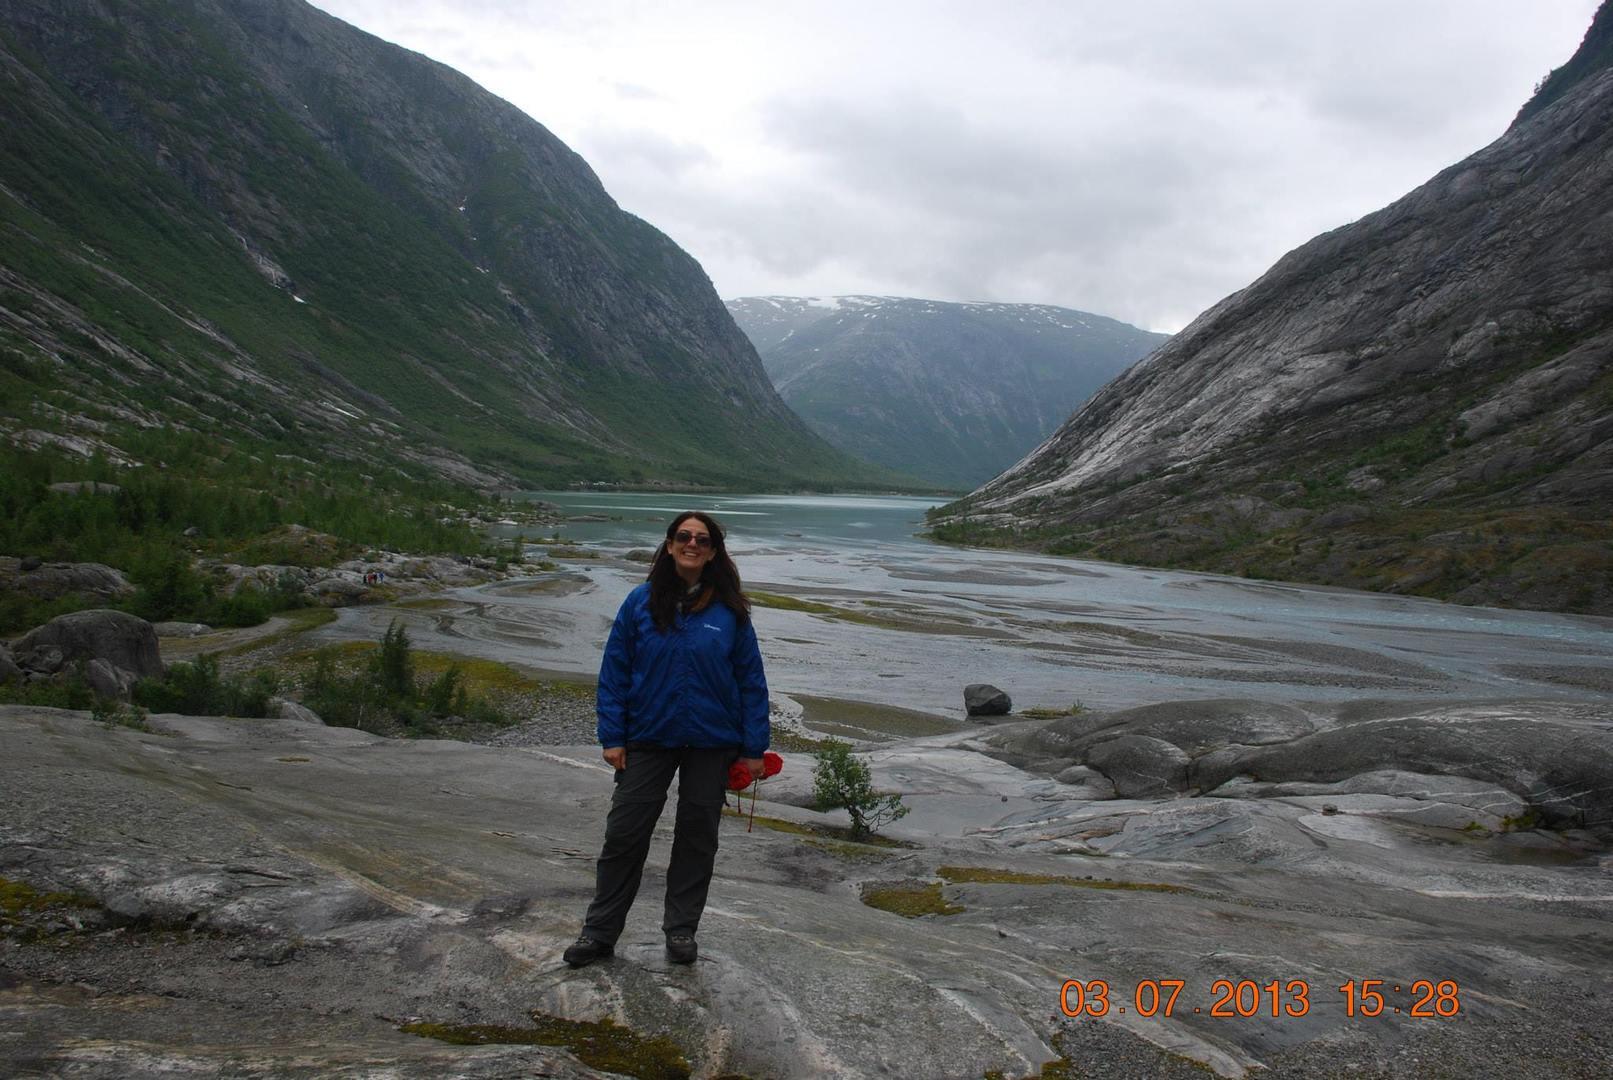 בדרך אל קרחון Nigardsbreen